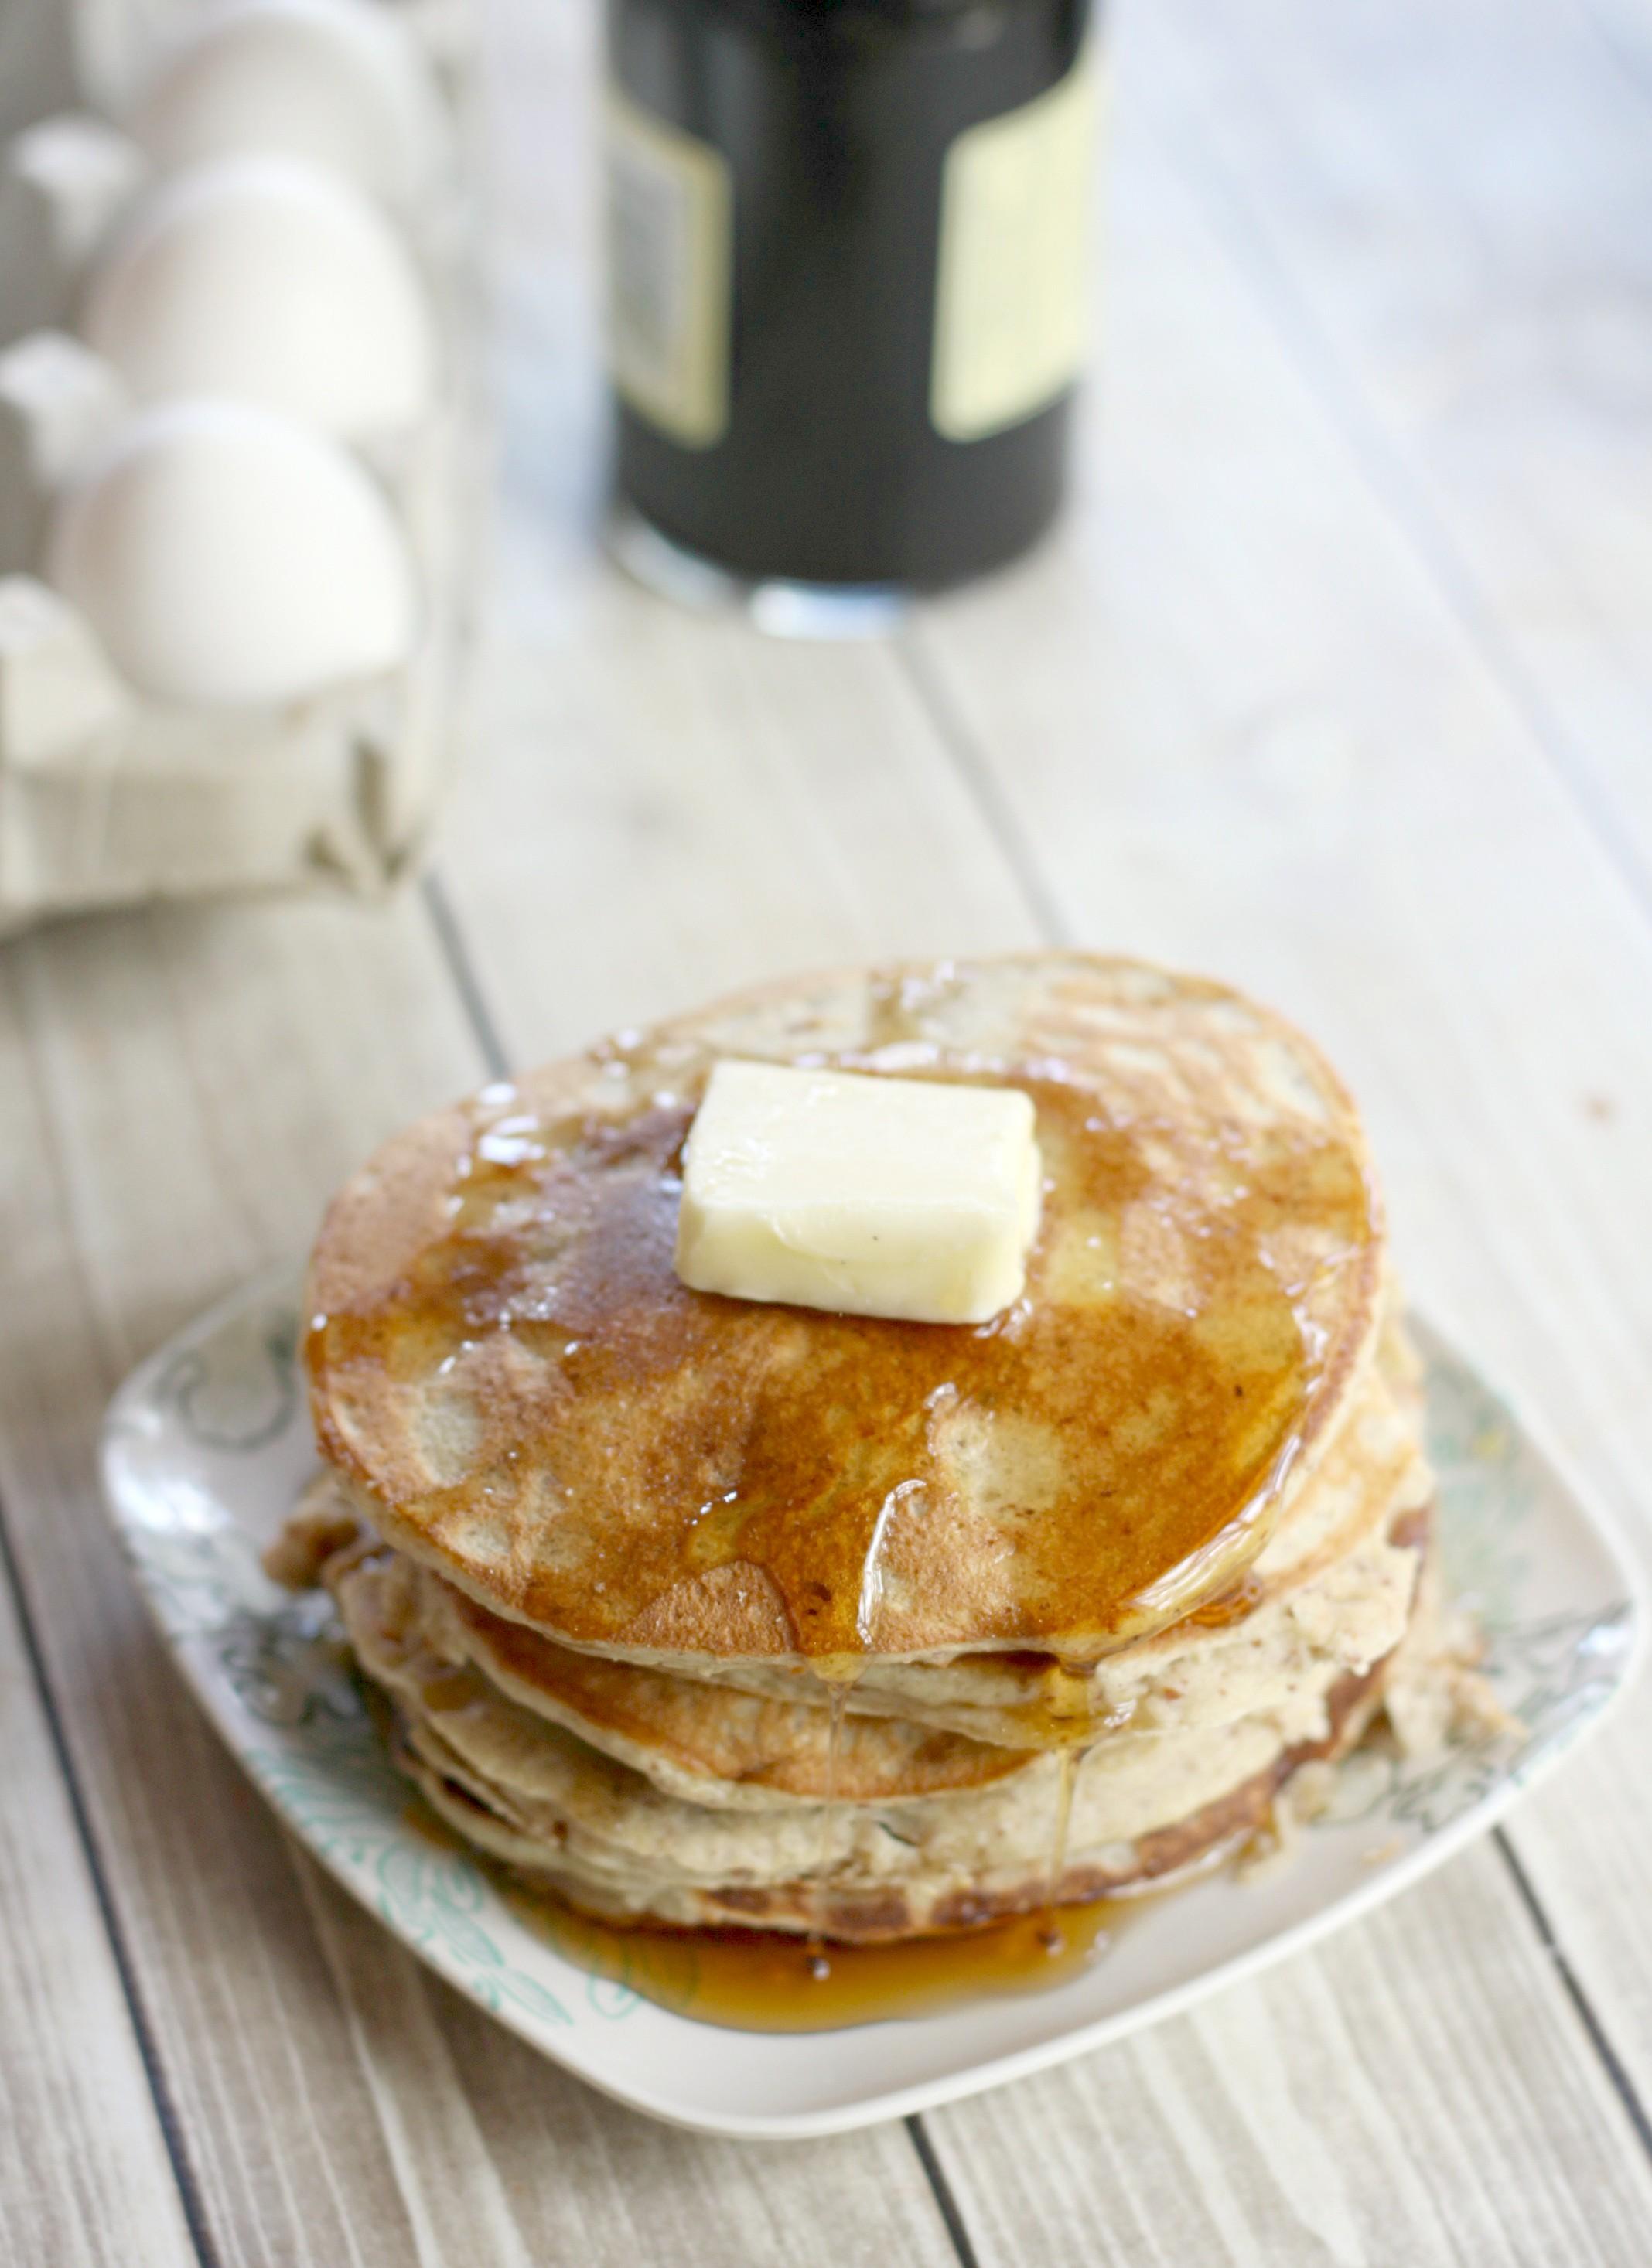 Gluten free, low carb pancakes